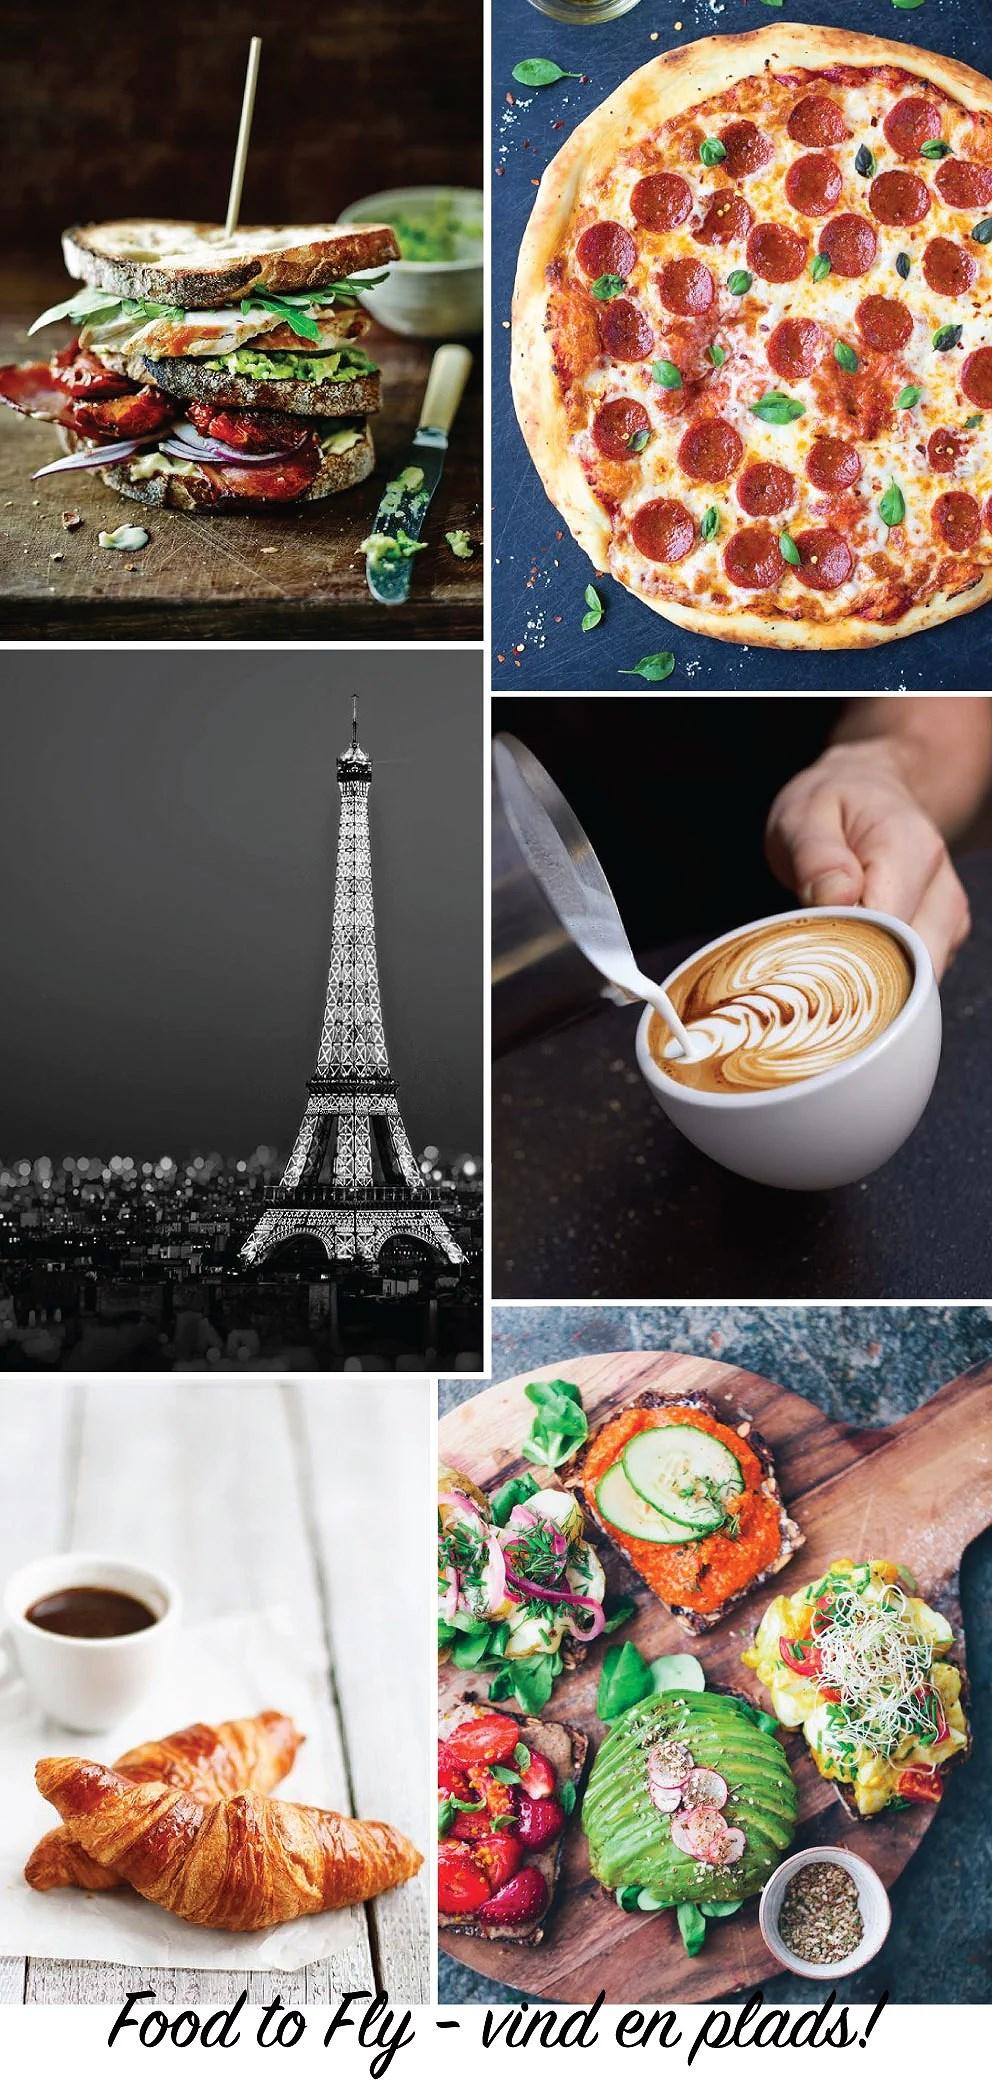 Travel, Paris, Mad, Foodie, Pizza, Kaffe, Pæn kaffe, Julie Mænnchen, Dansk blogger, Populær blogger, SAS, Flyve, Rejseblog, Rejseblogger, Dansk rejseblogger